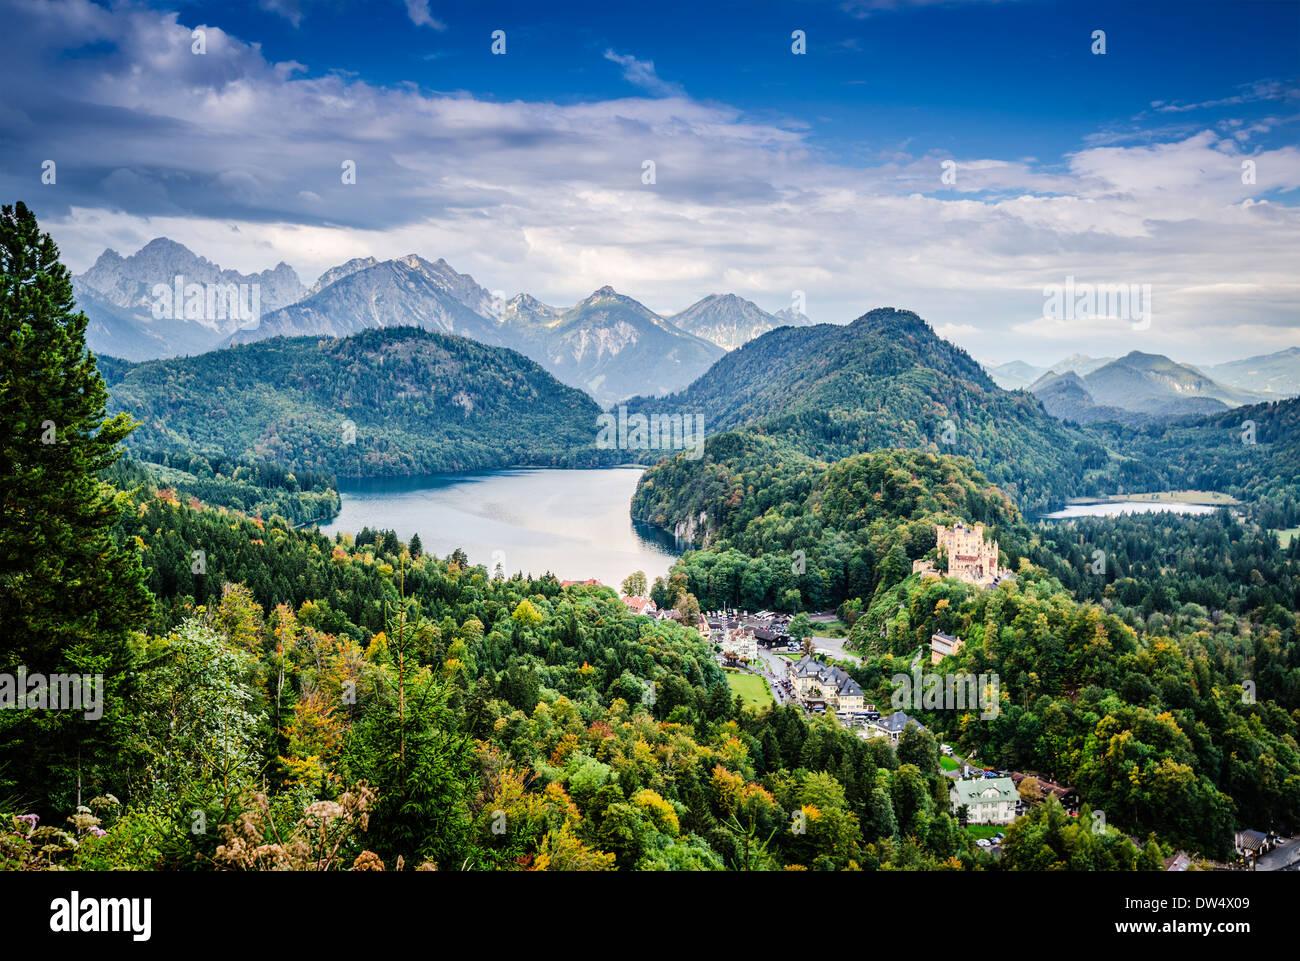 Alpi bavaresi della Germania a Hohenschwangau Village e il Lago Alpsee. Immagini Stock